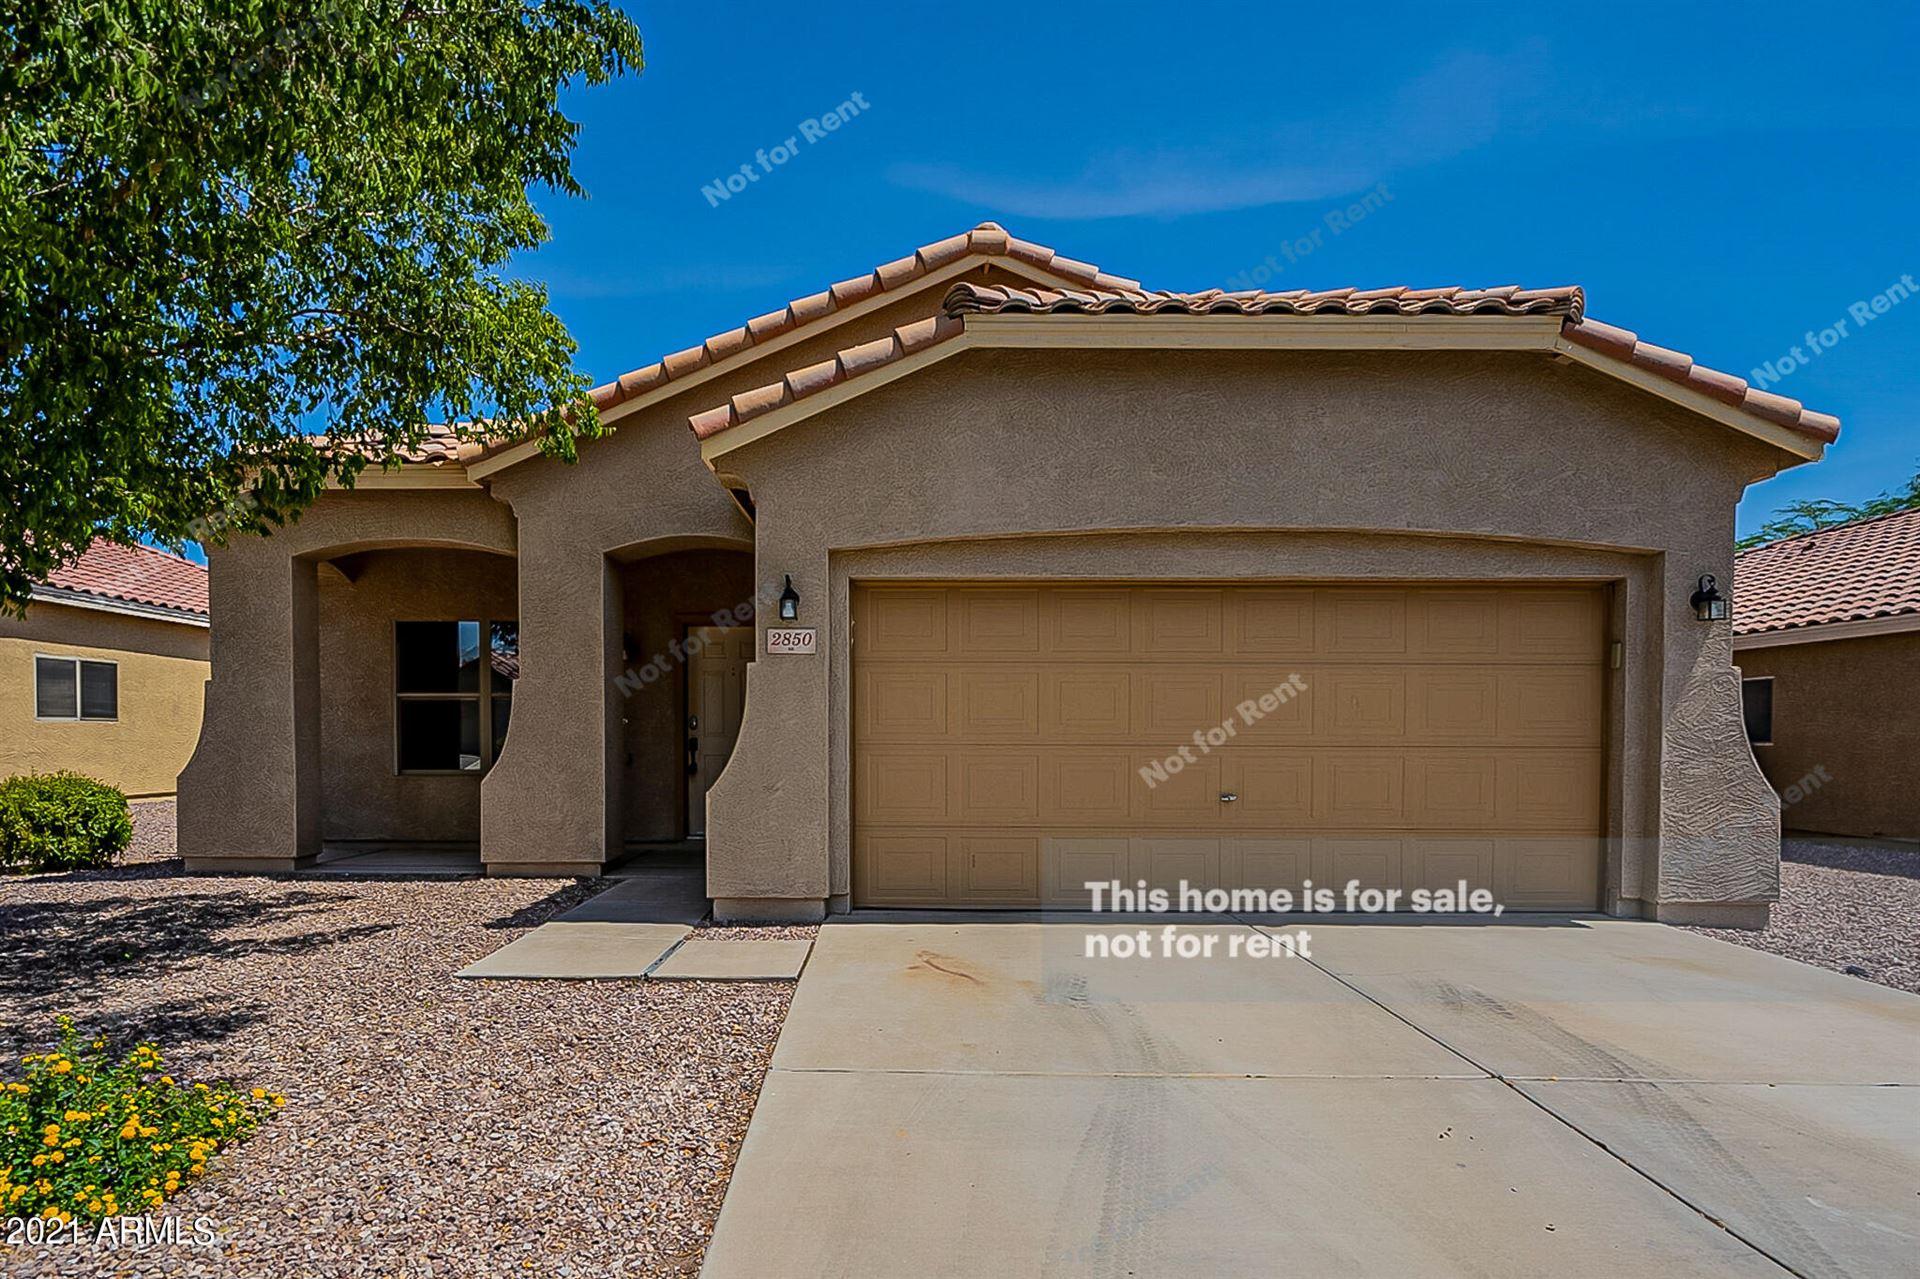 2850 W HAYDEN PEAK Drive, Queen Creek, AZ 85142 - MLS#: 6261650